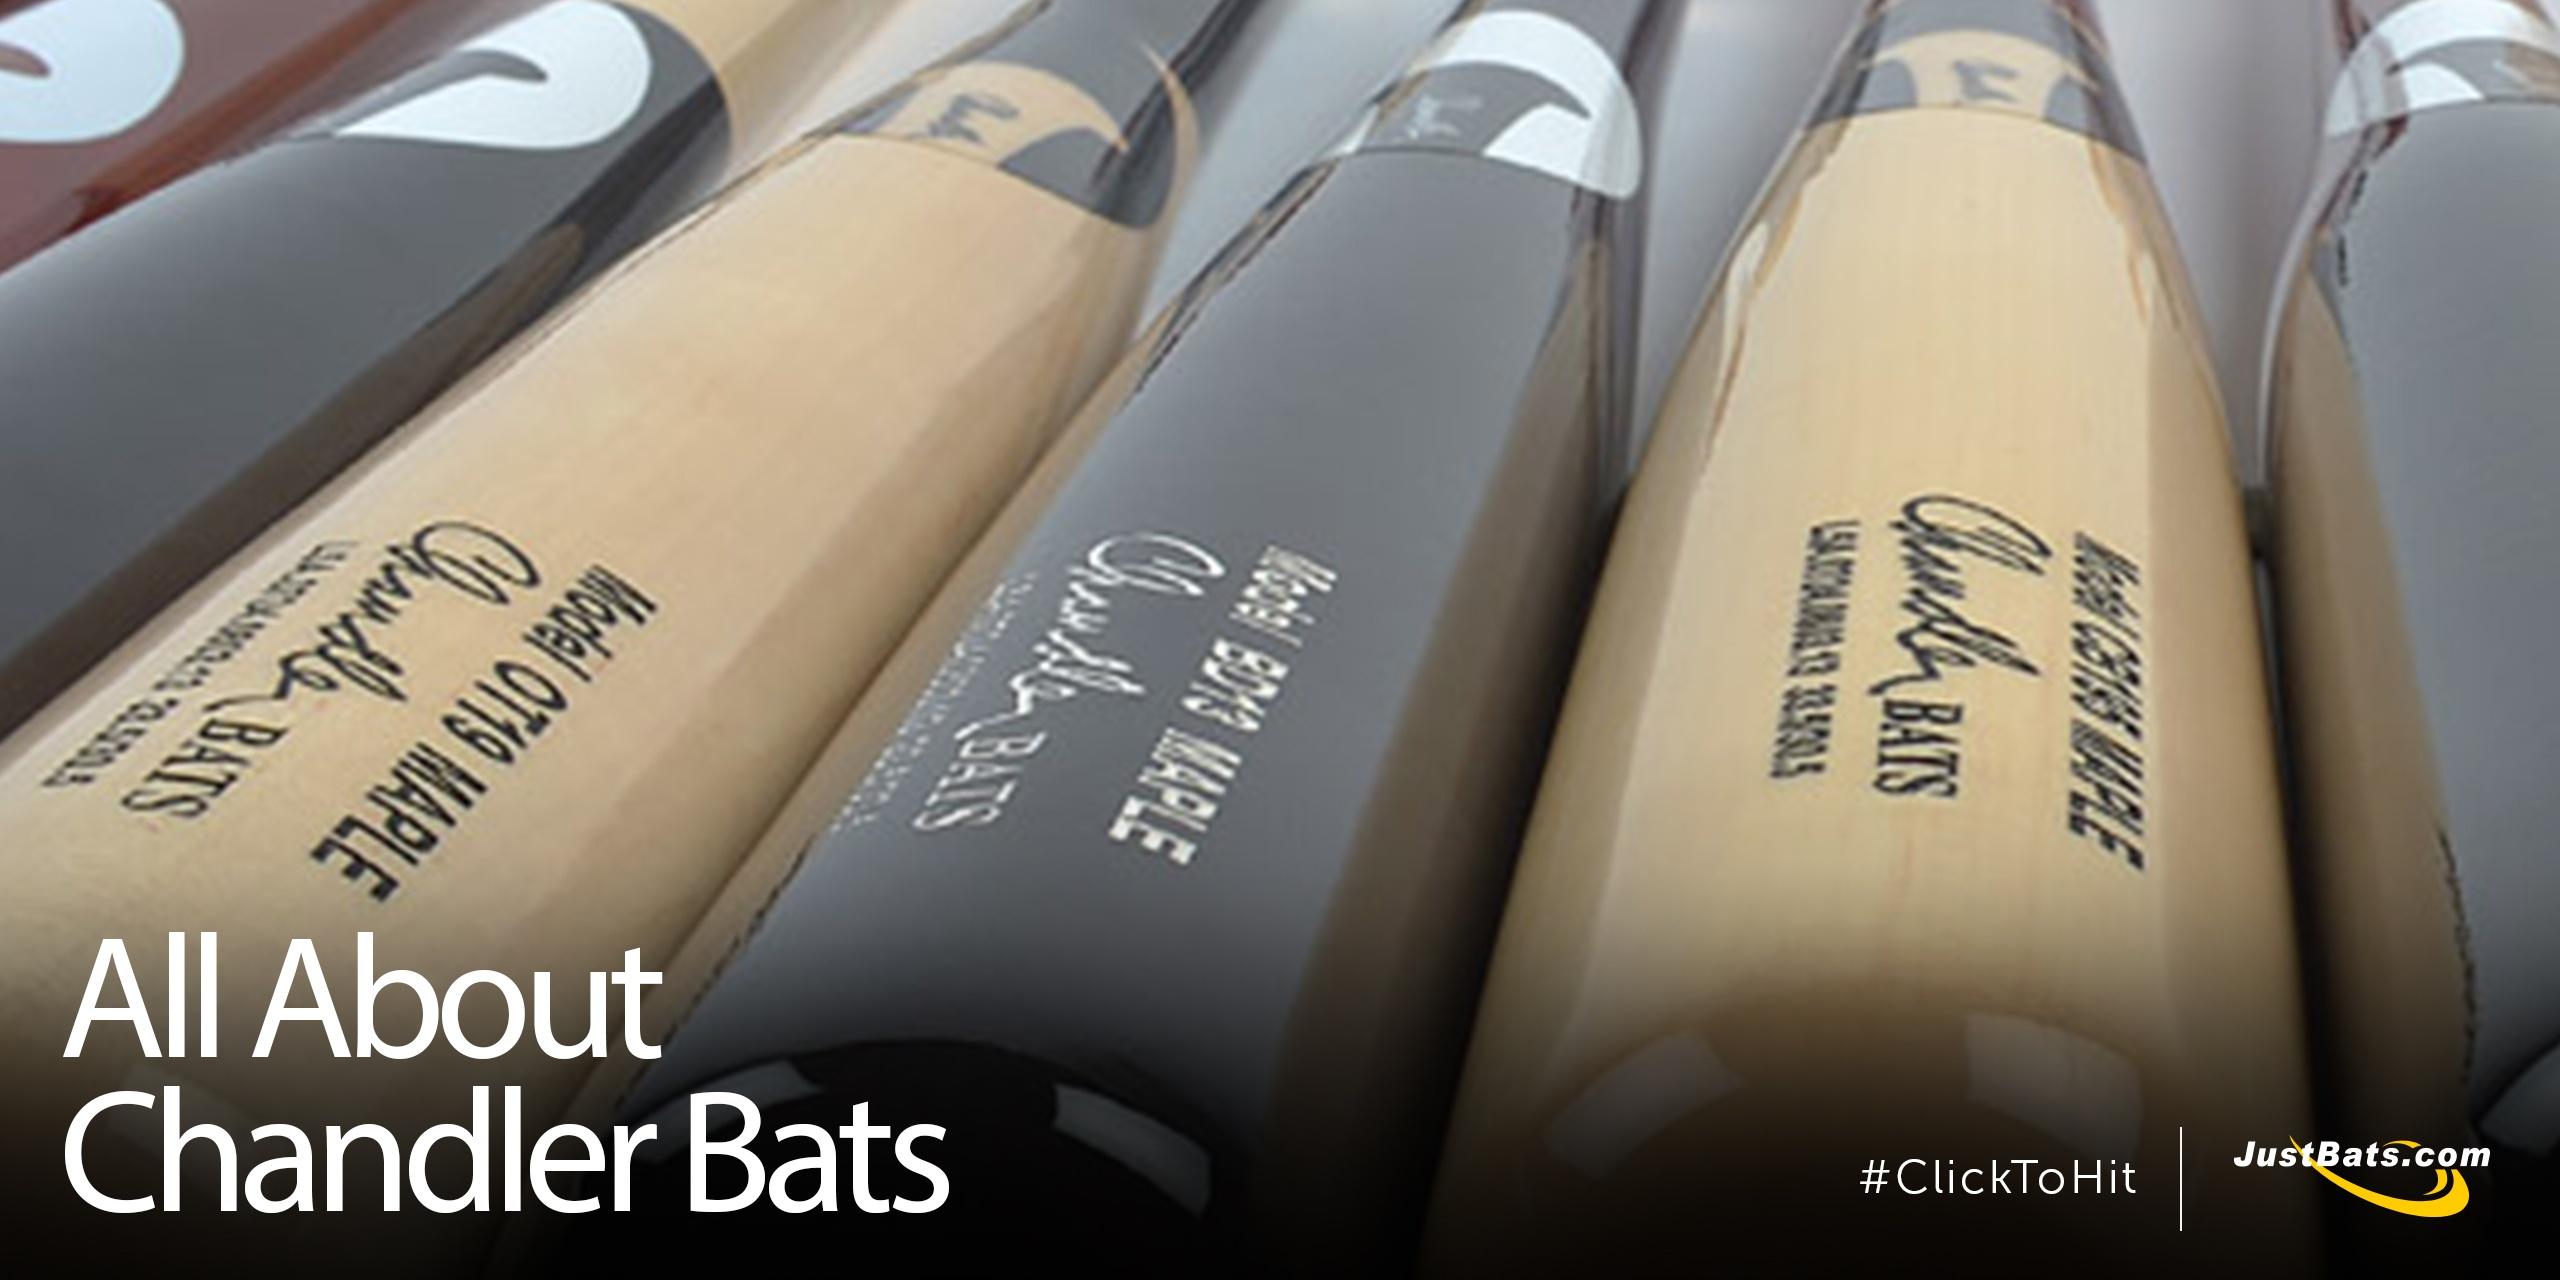 All About Chandler Bats - Blog.jpg